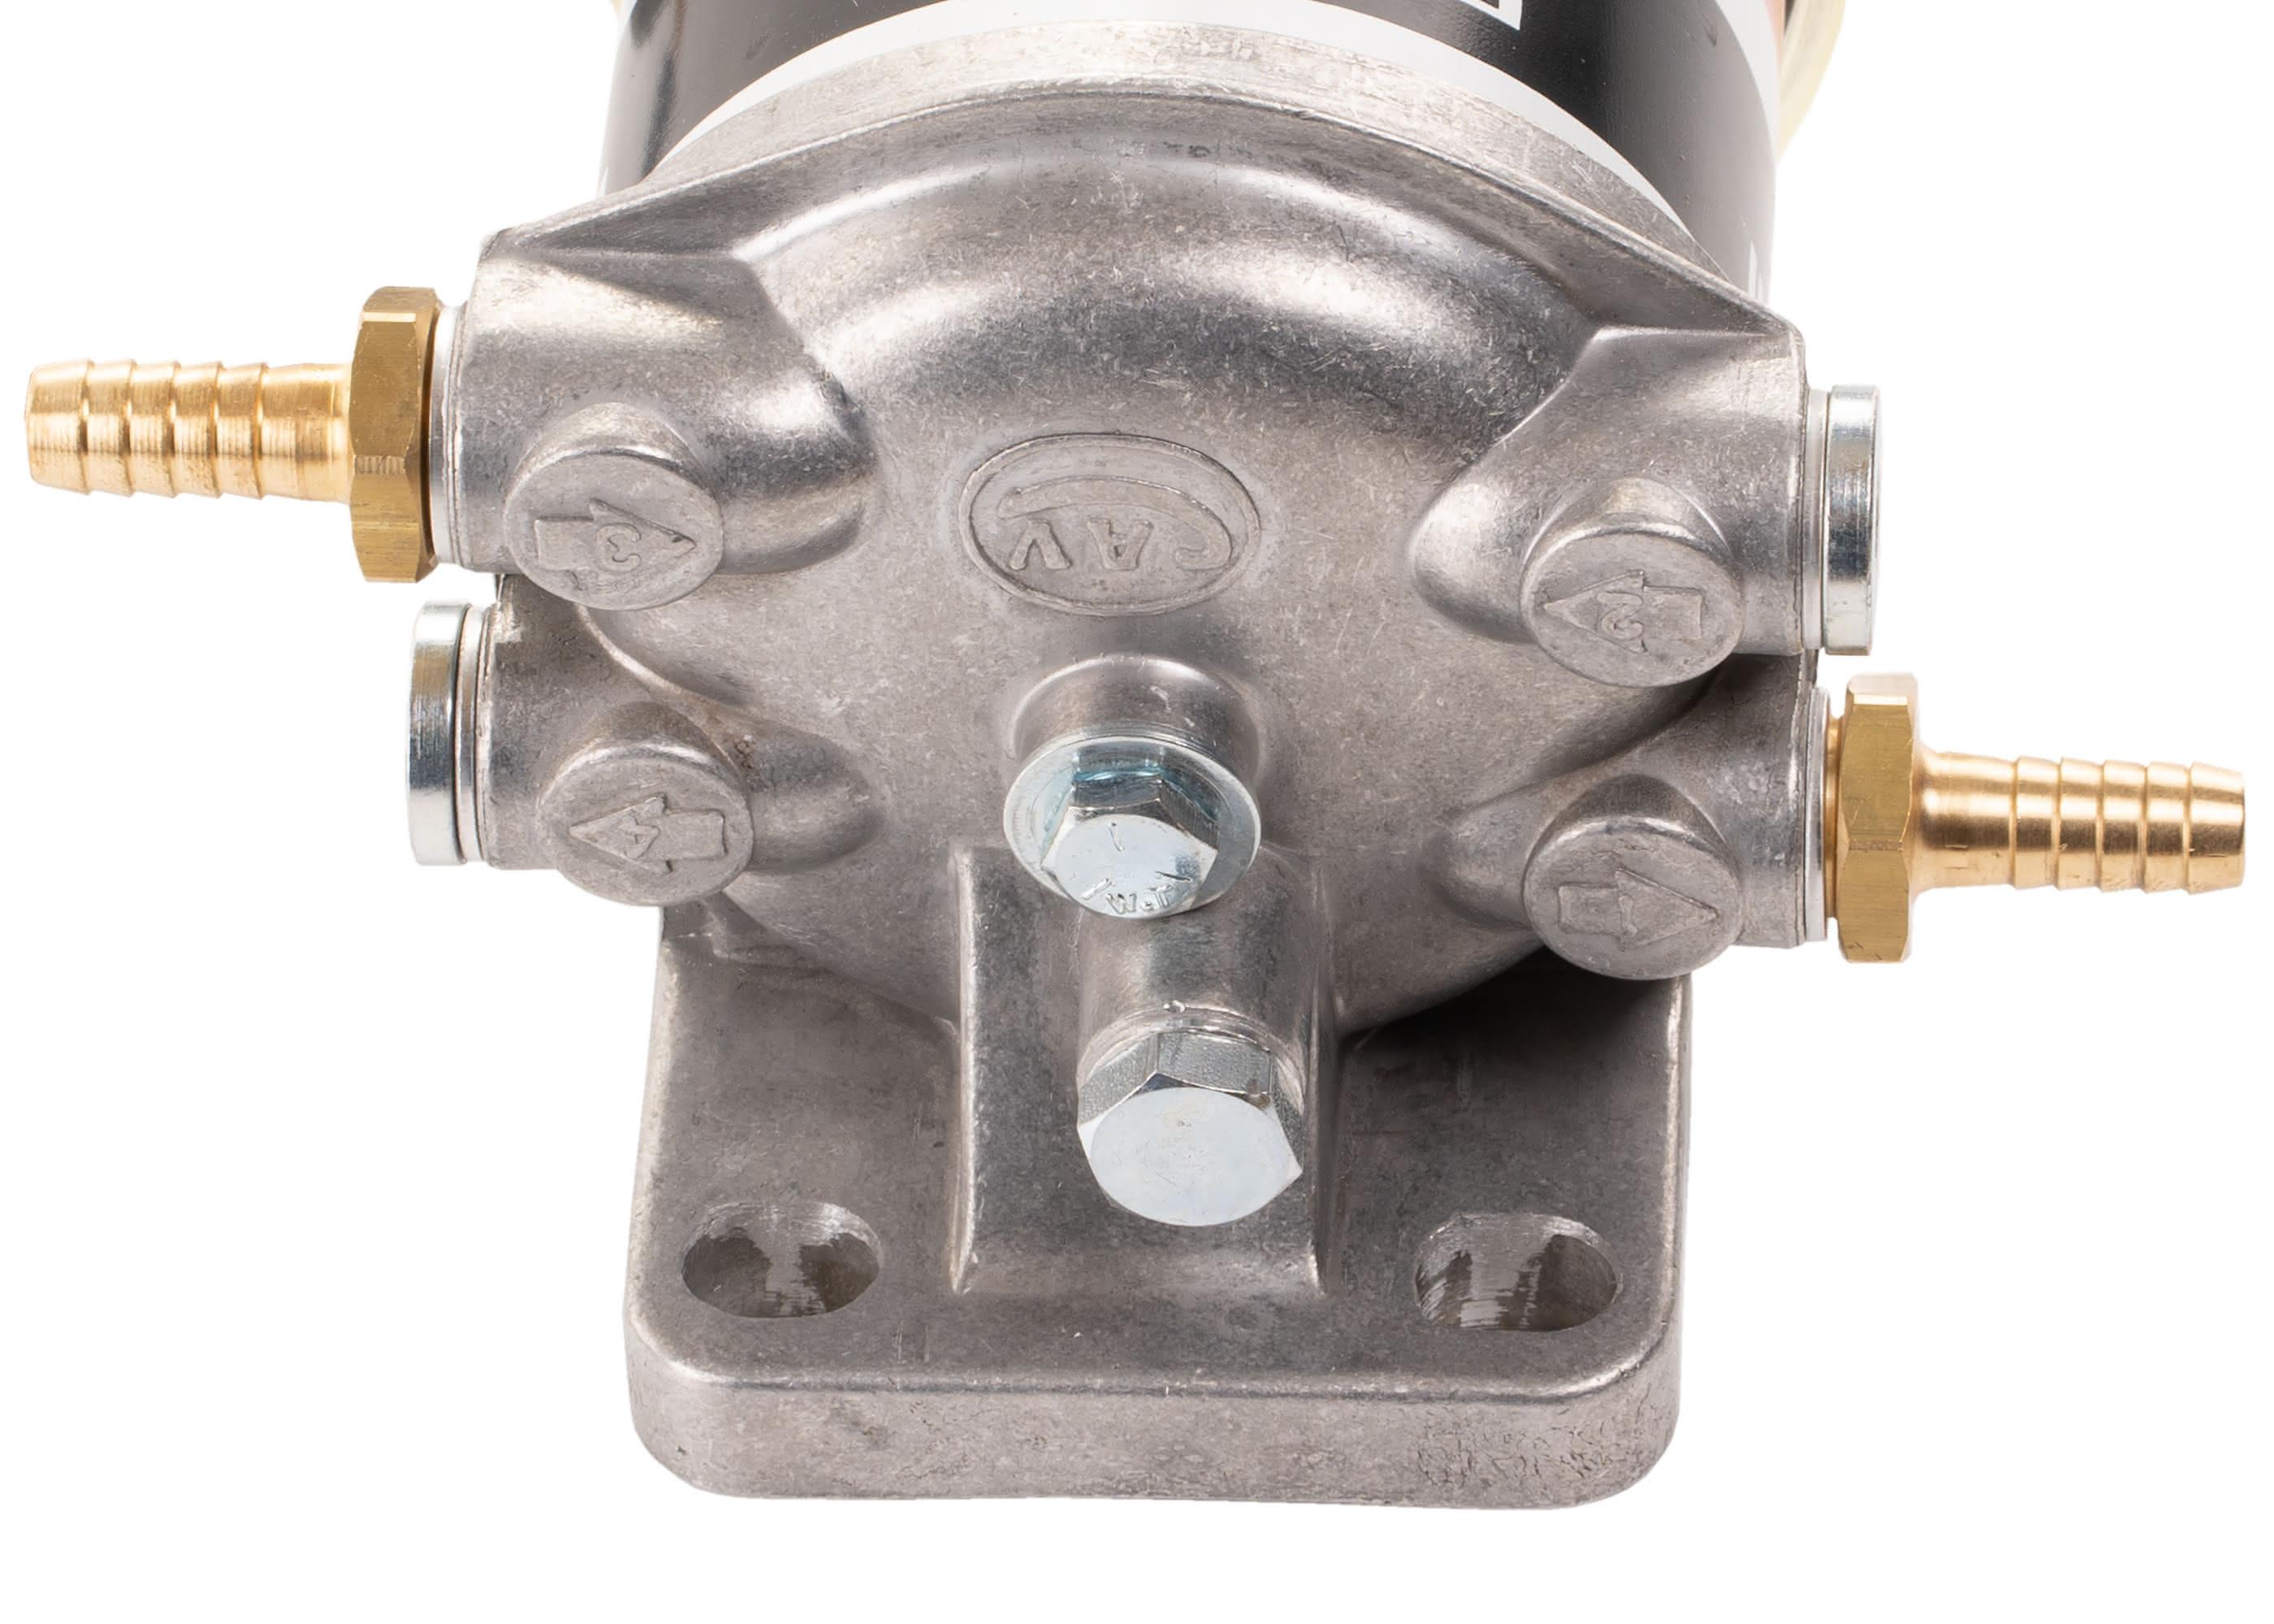 66404-Vorfilter und Wasserabscheider Typ CAV FLOW 50S-mit Wassersensor-bis 137 PS (100 kW)-6.jpg